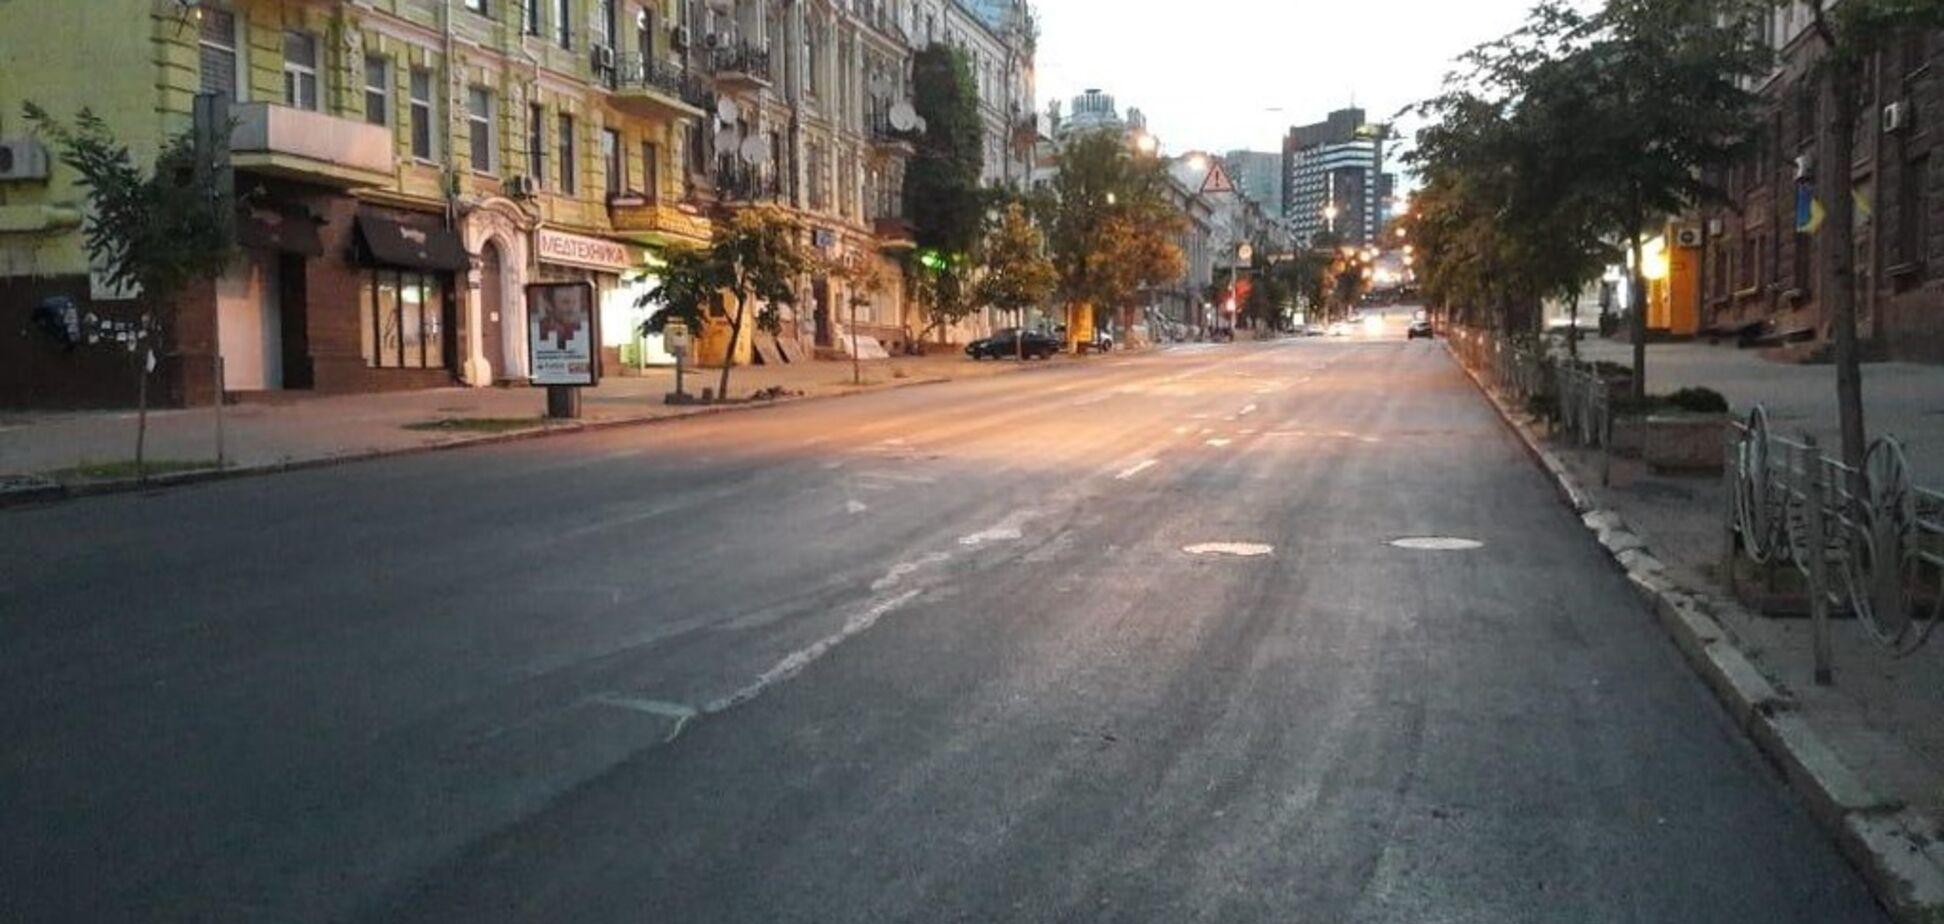 Ремонт улицы Петлюры полимерасфальтобетоном подходит к концу – КГГА